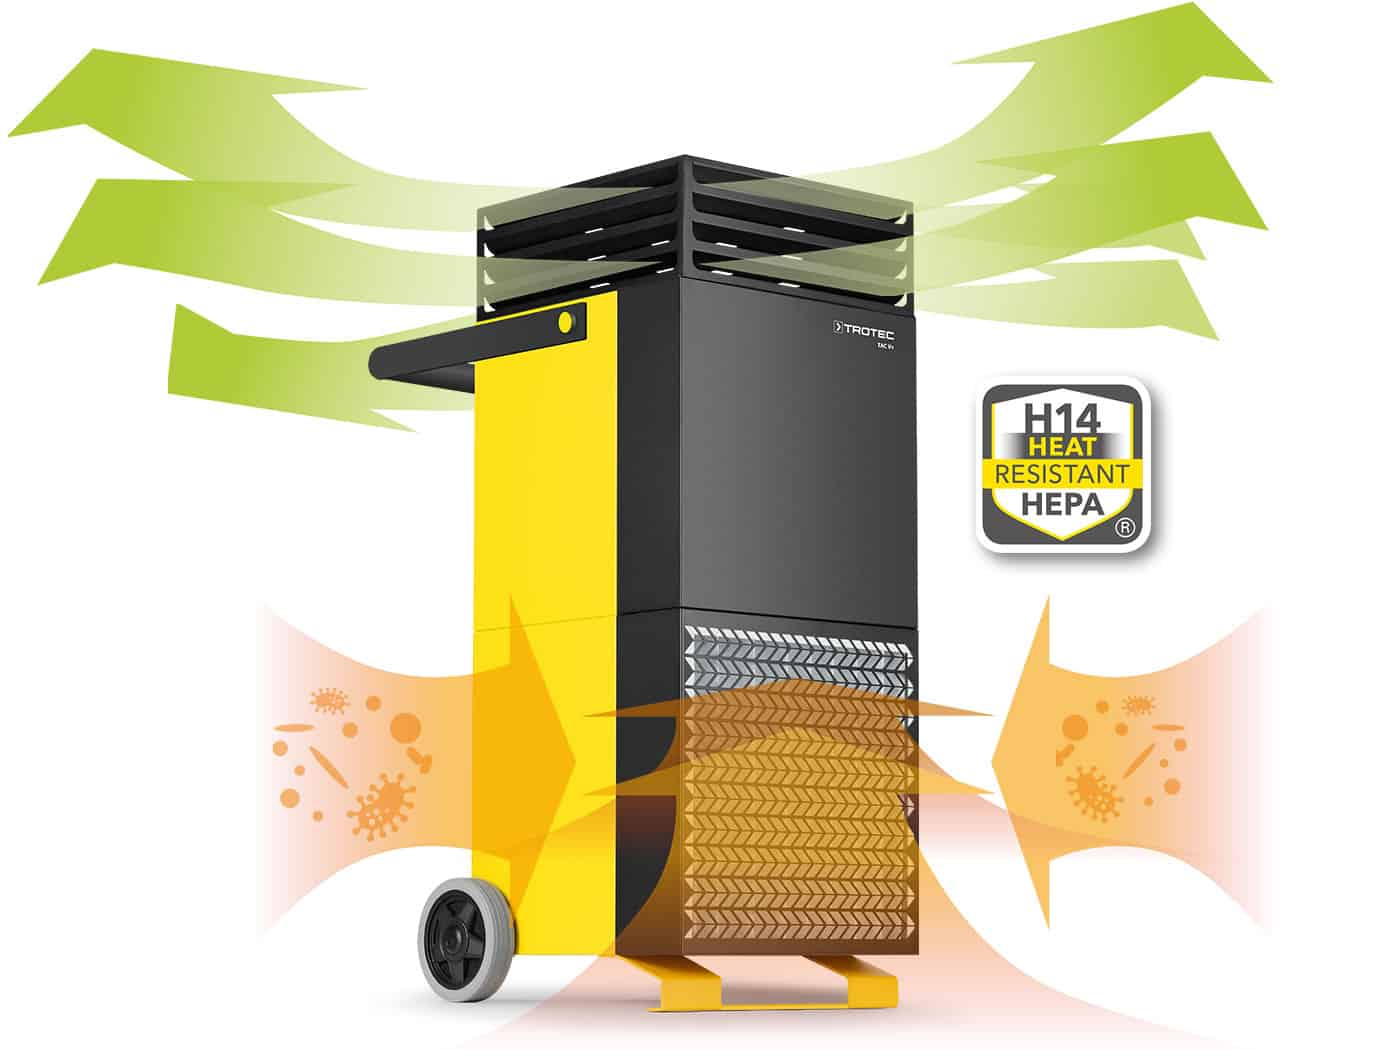 TAC V+ air purifier air flows of fresh & contaminated air